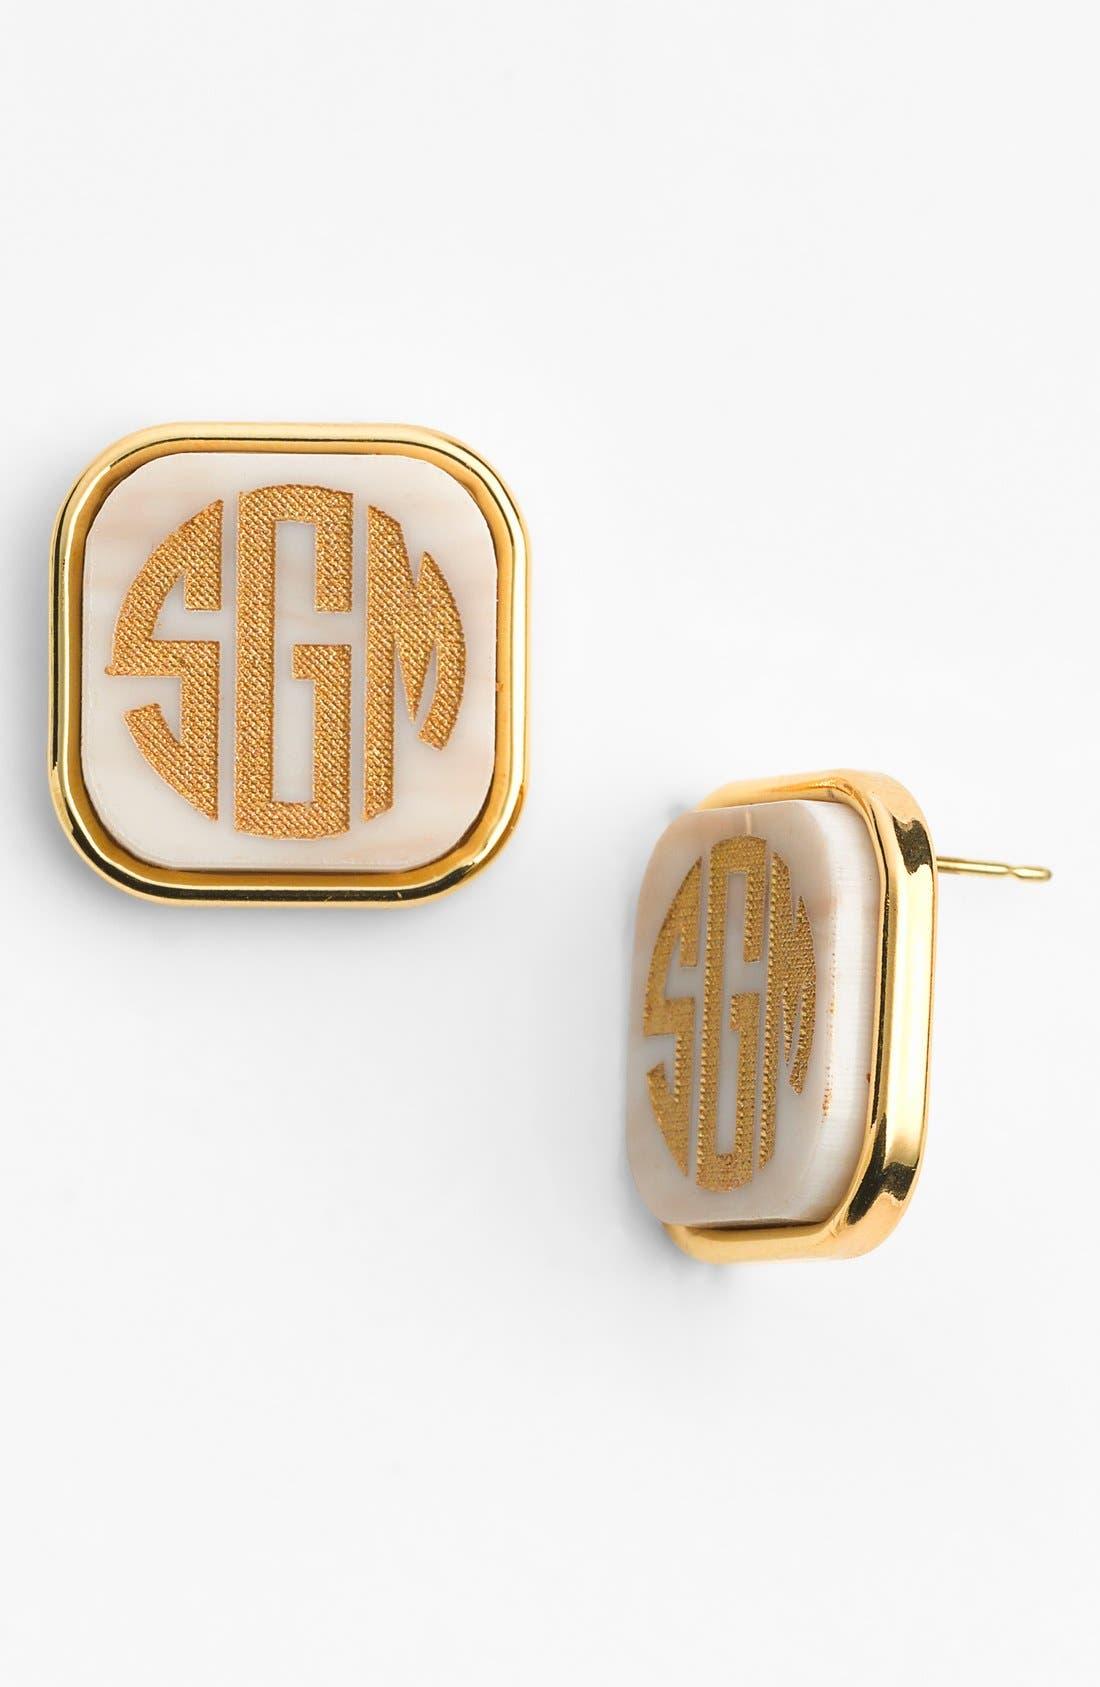 Alternate Image 1 Selected - Moon and Lola 'Vineyard' Personalized Monogram Stud Earrings